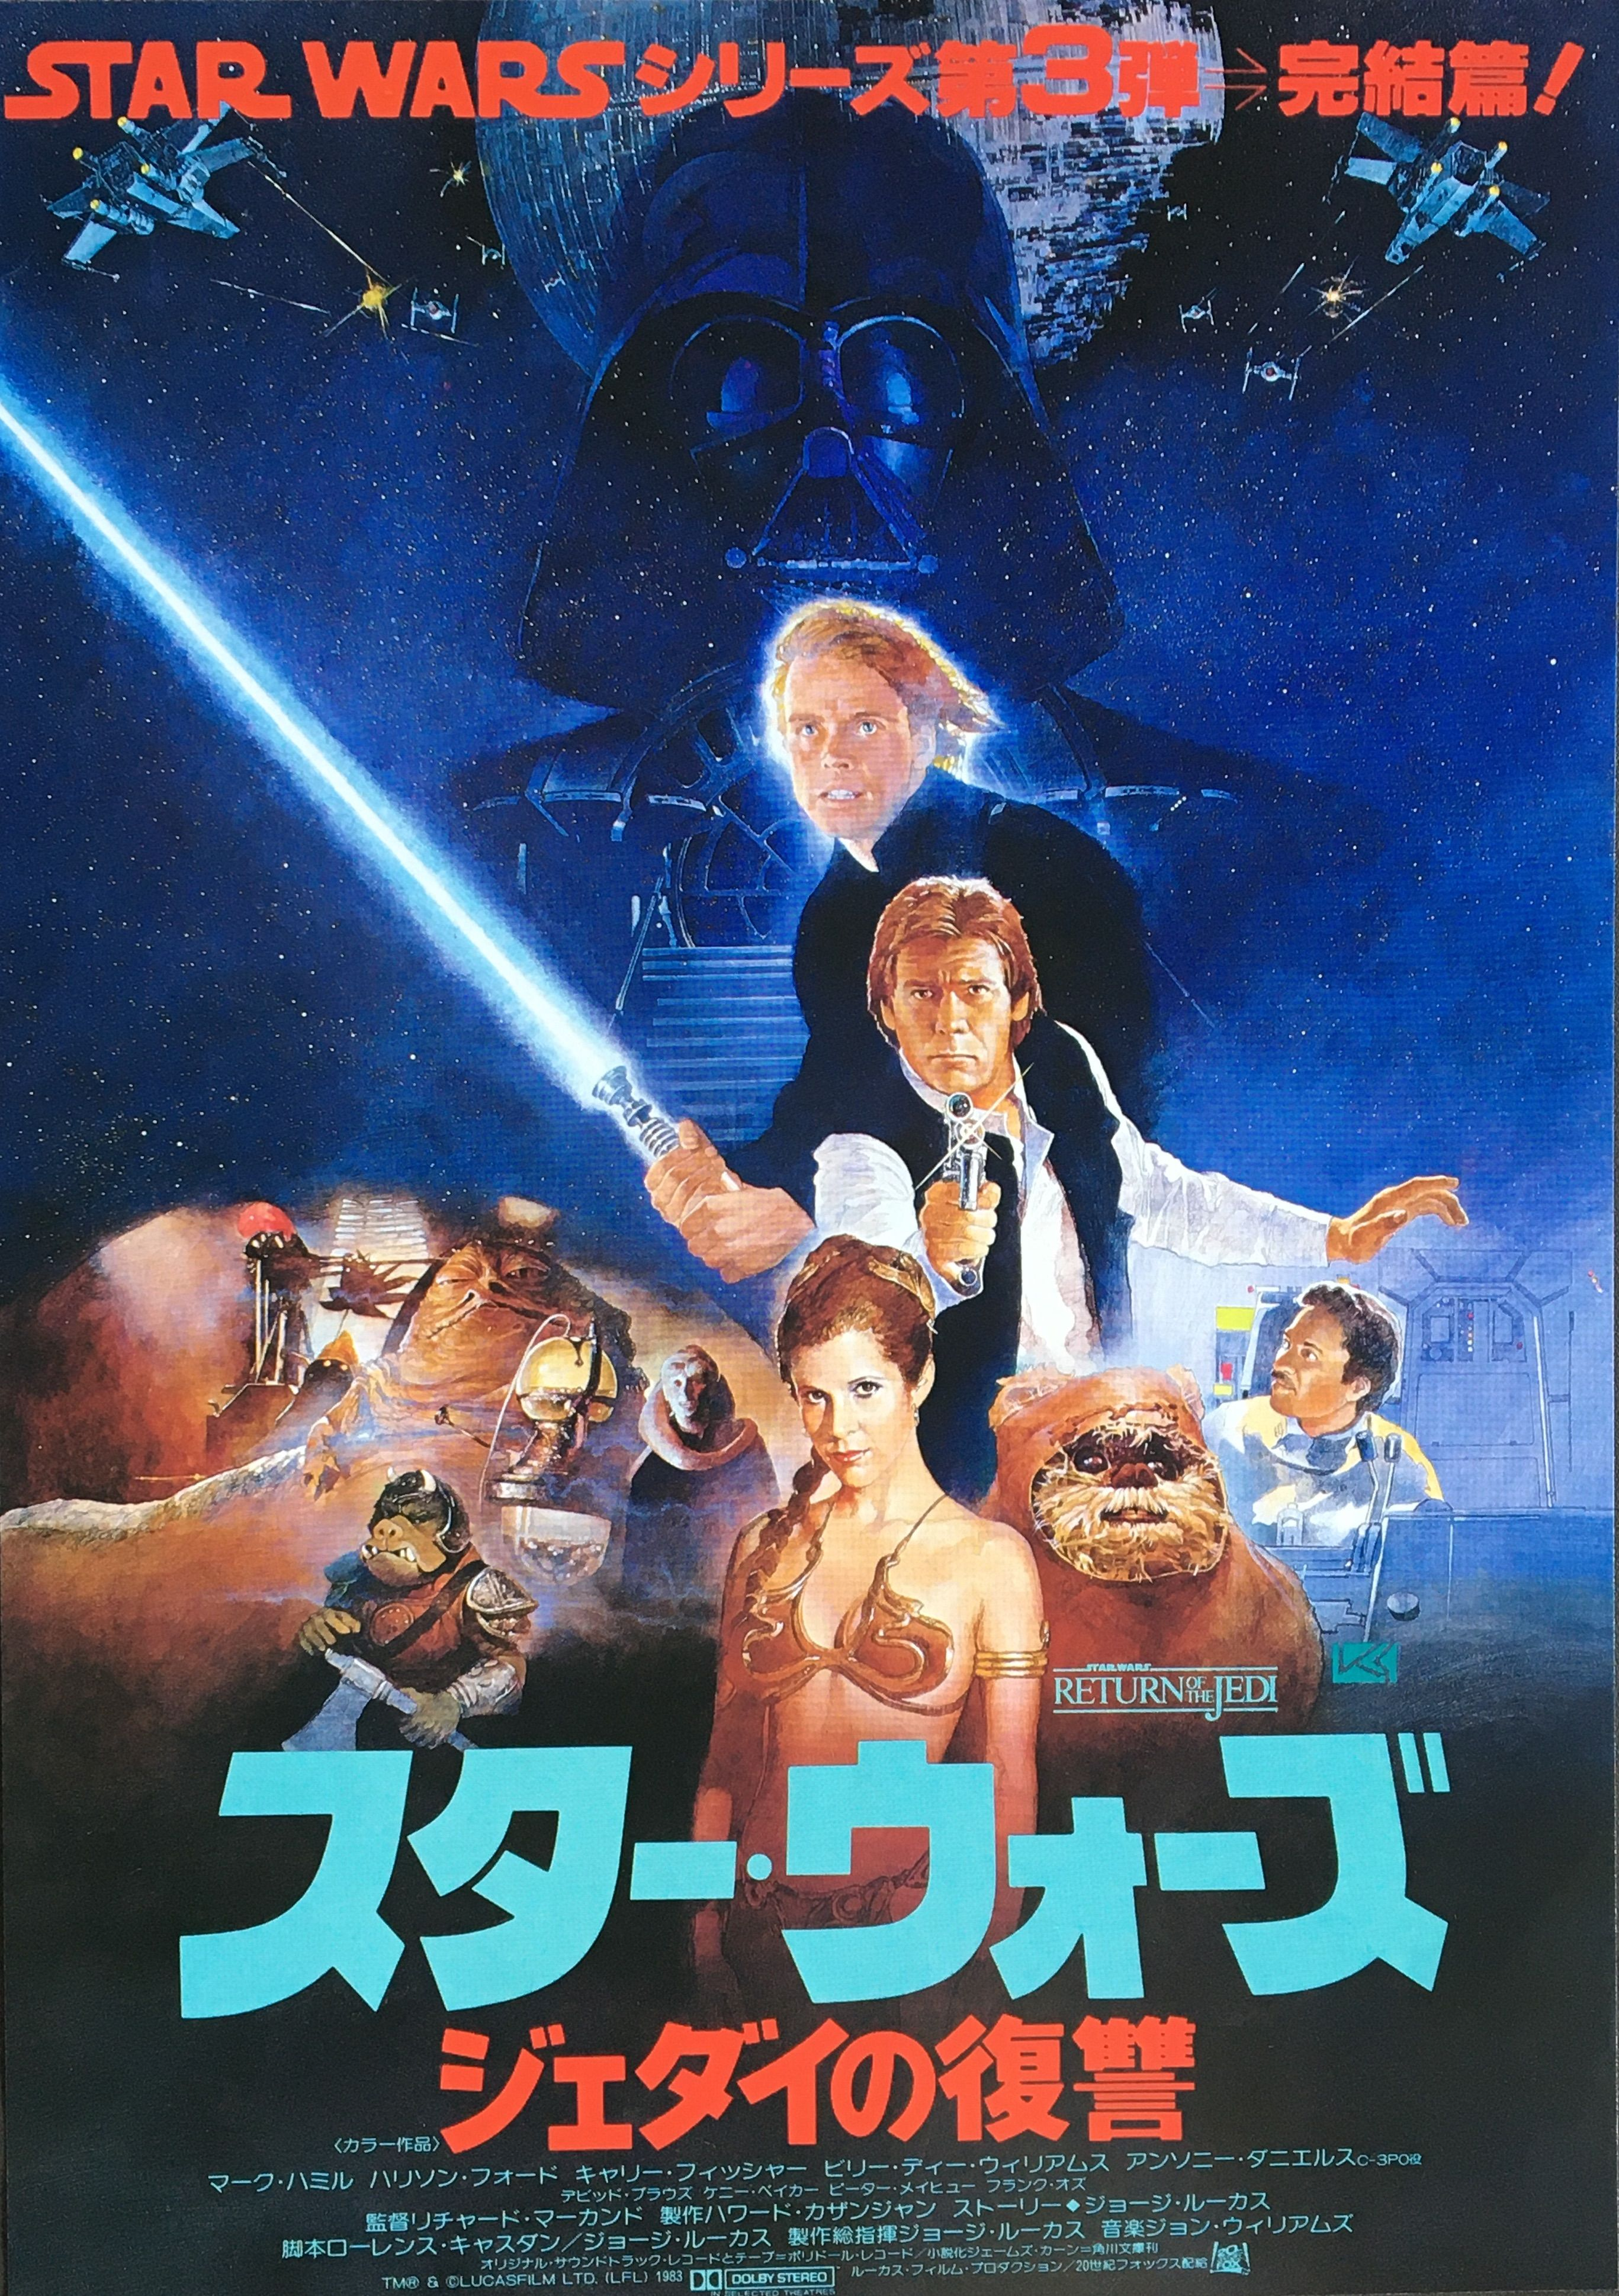 スターウォーズ第3弾 2020 日本のポスター 映画 ポスター 映画